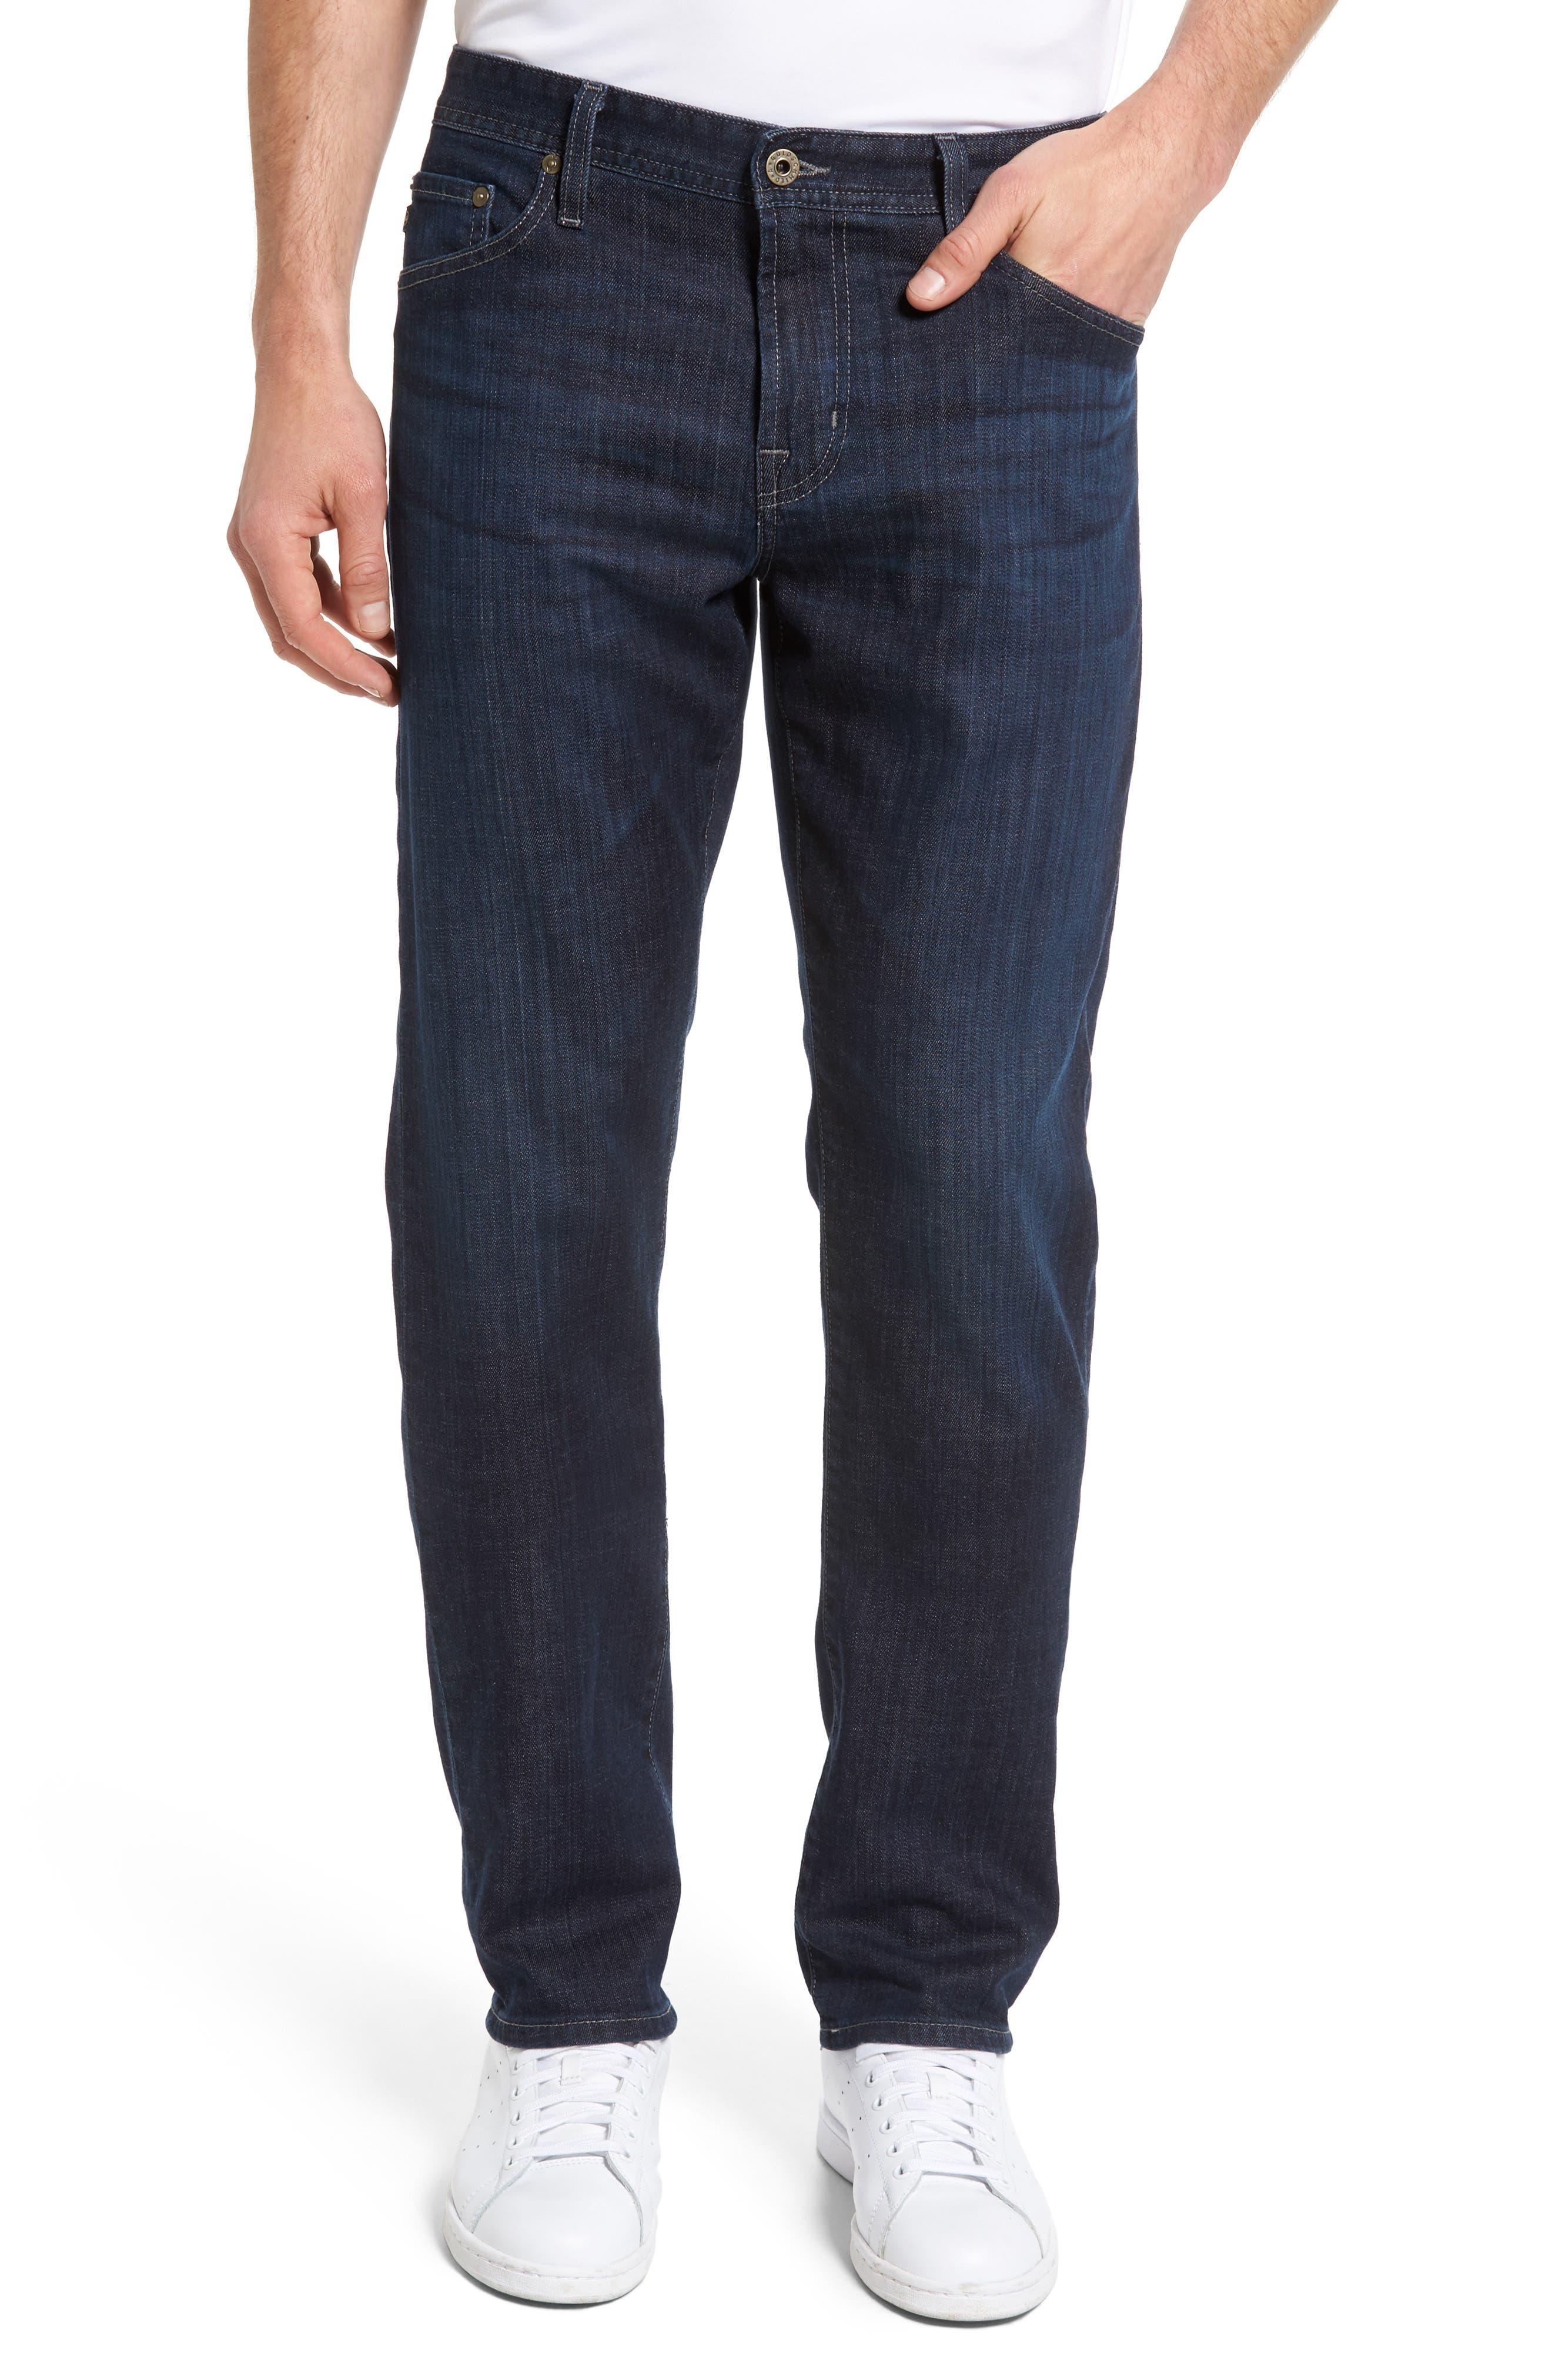 Alternate Image 1 Selected - AG Graduate Slim Straight Leg Jeans (Balcony) (Regular & Tall)